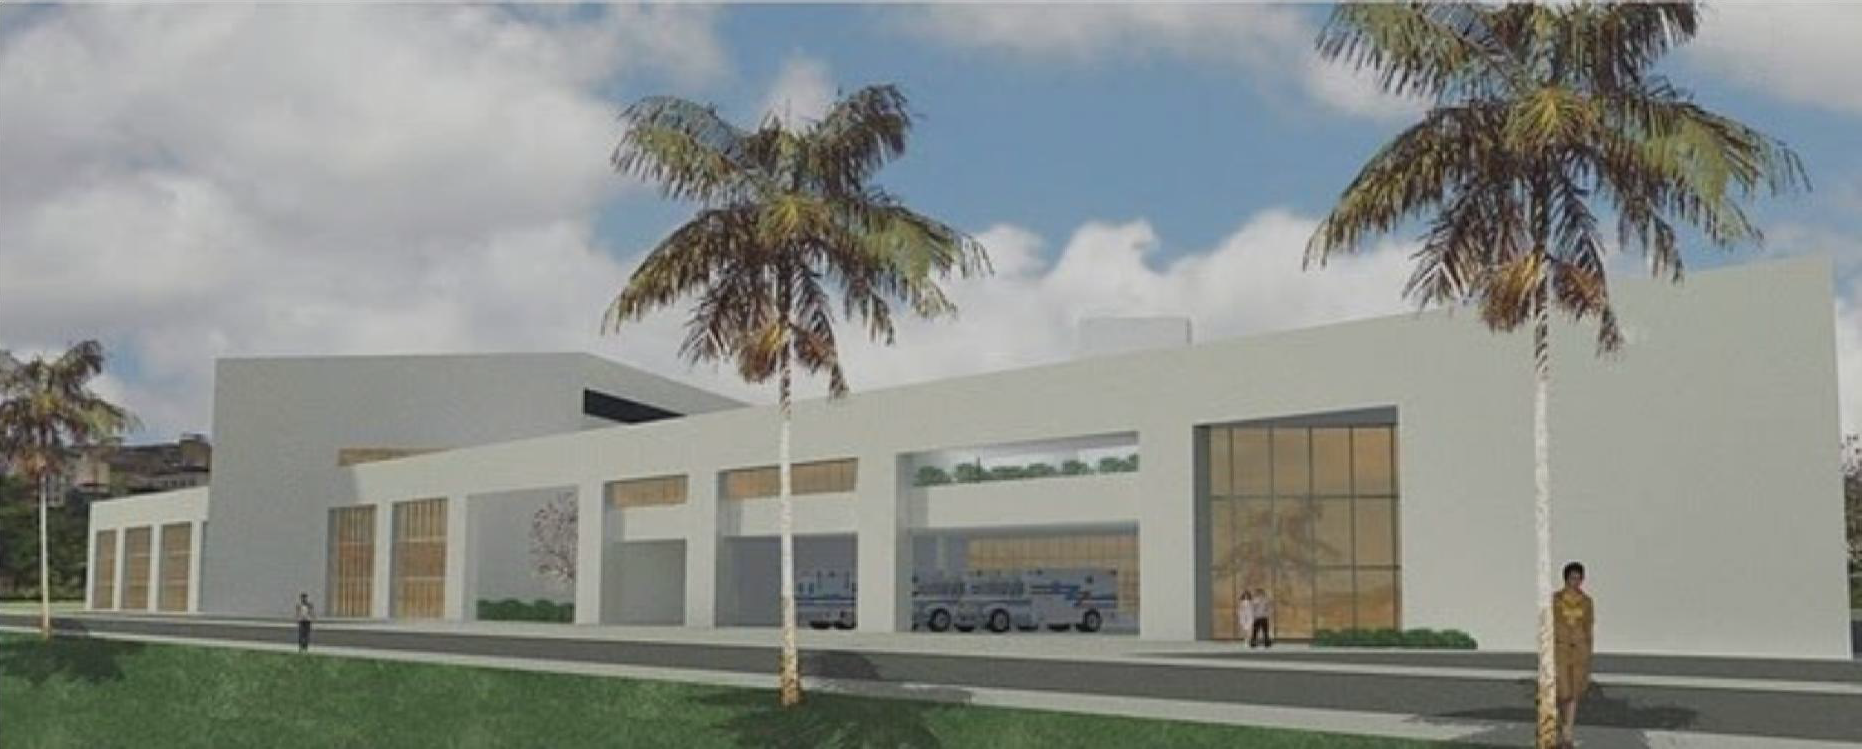 Hospital Regional de Governador Valadares/MG  Cliente: Consórcio Socienge Engeform